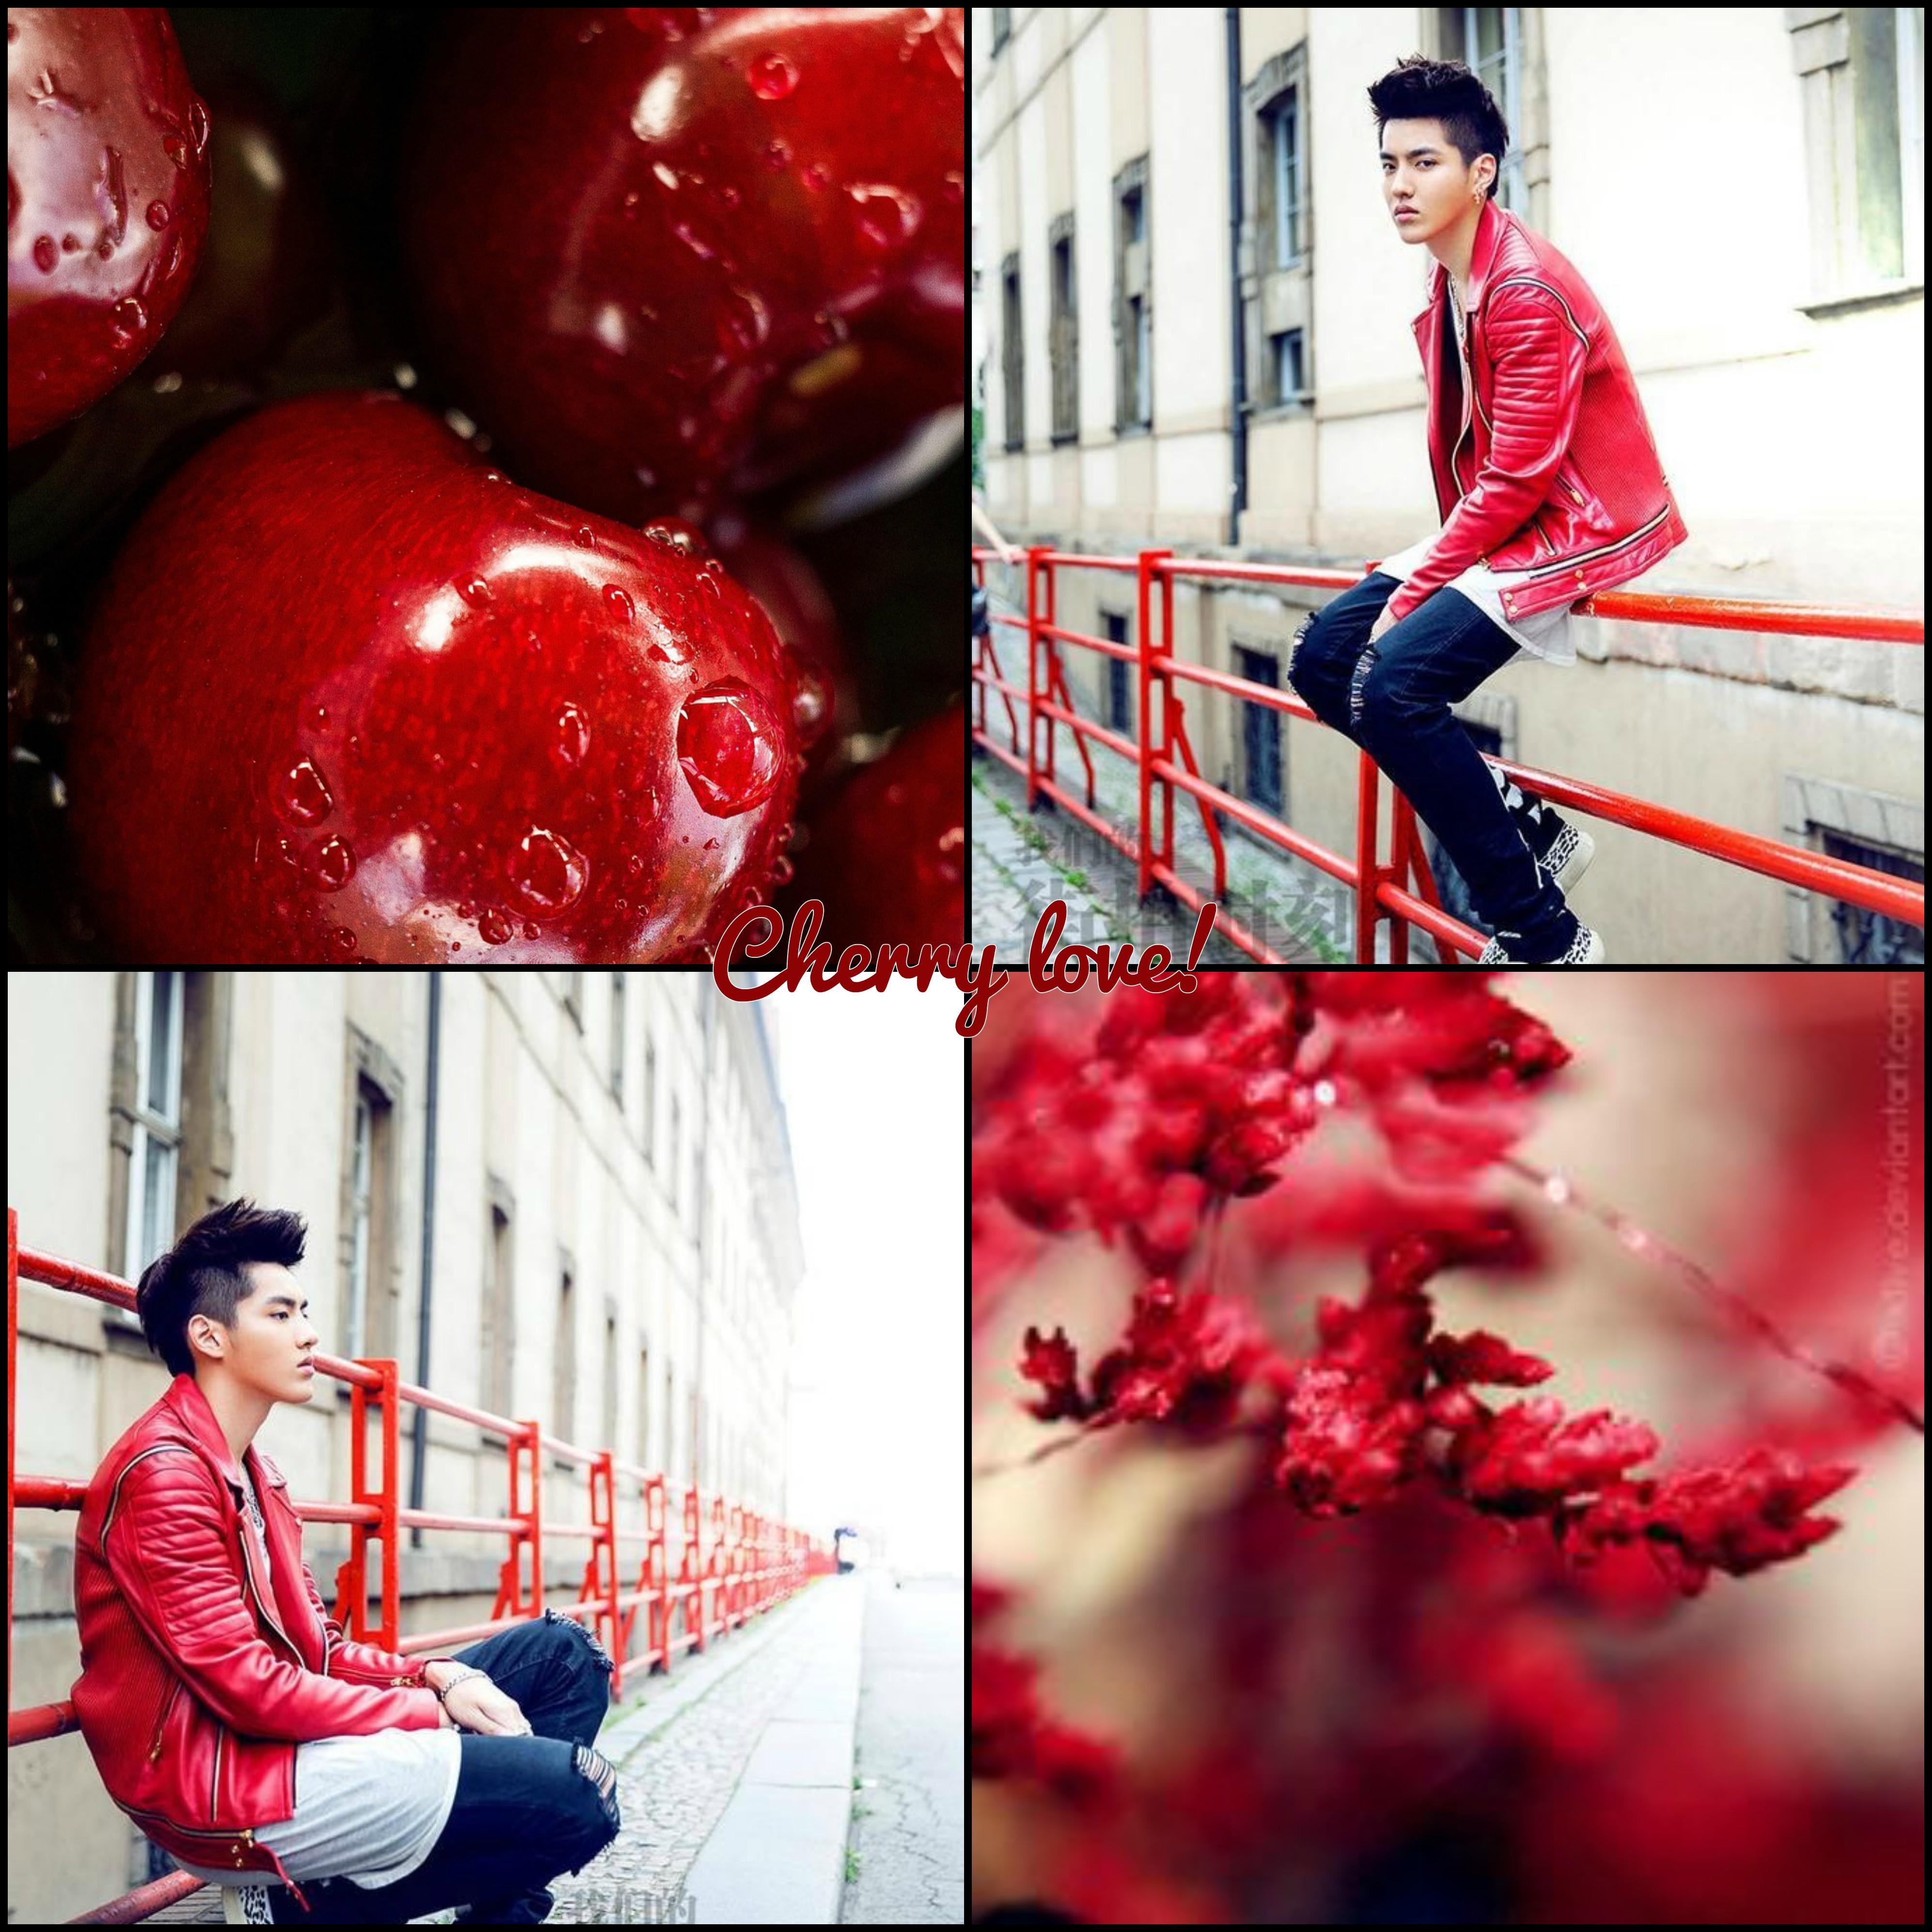 کریس - مورد بورد - اکسو - kris - july - juice - exo mood board - cherry love